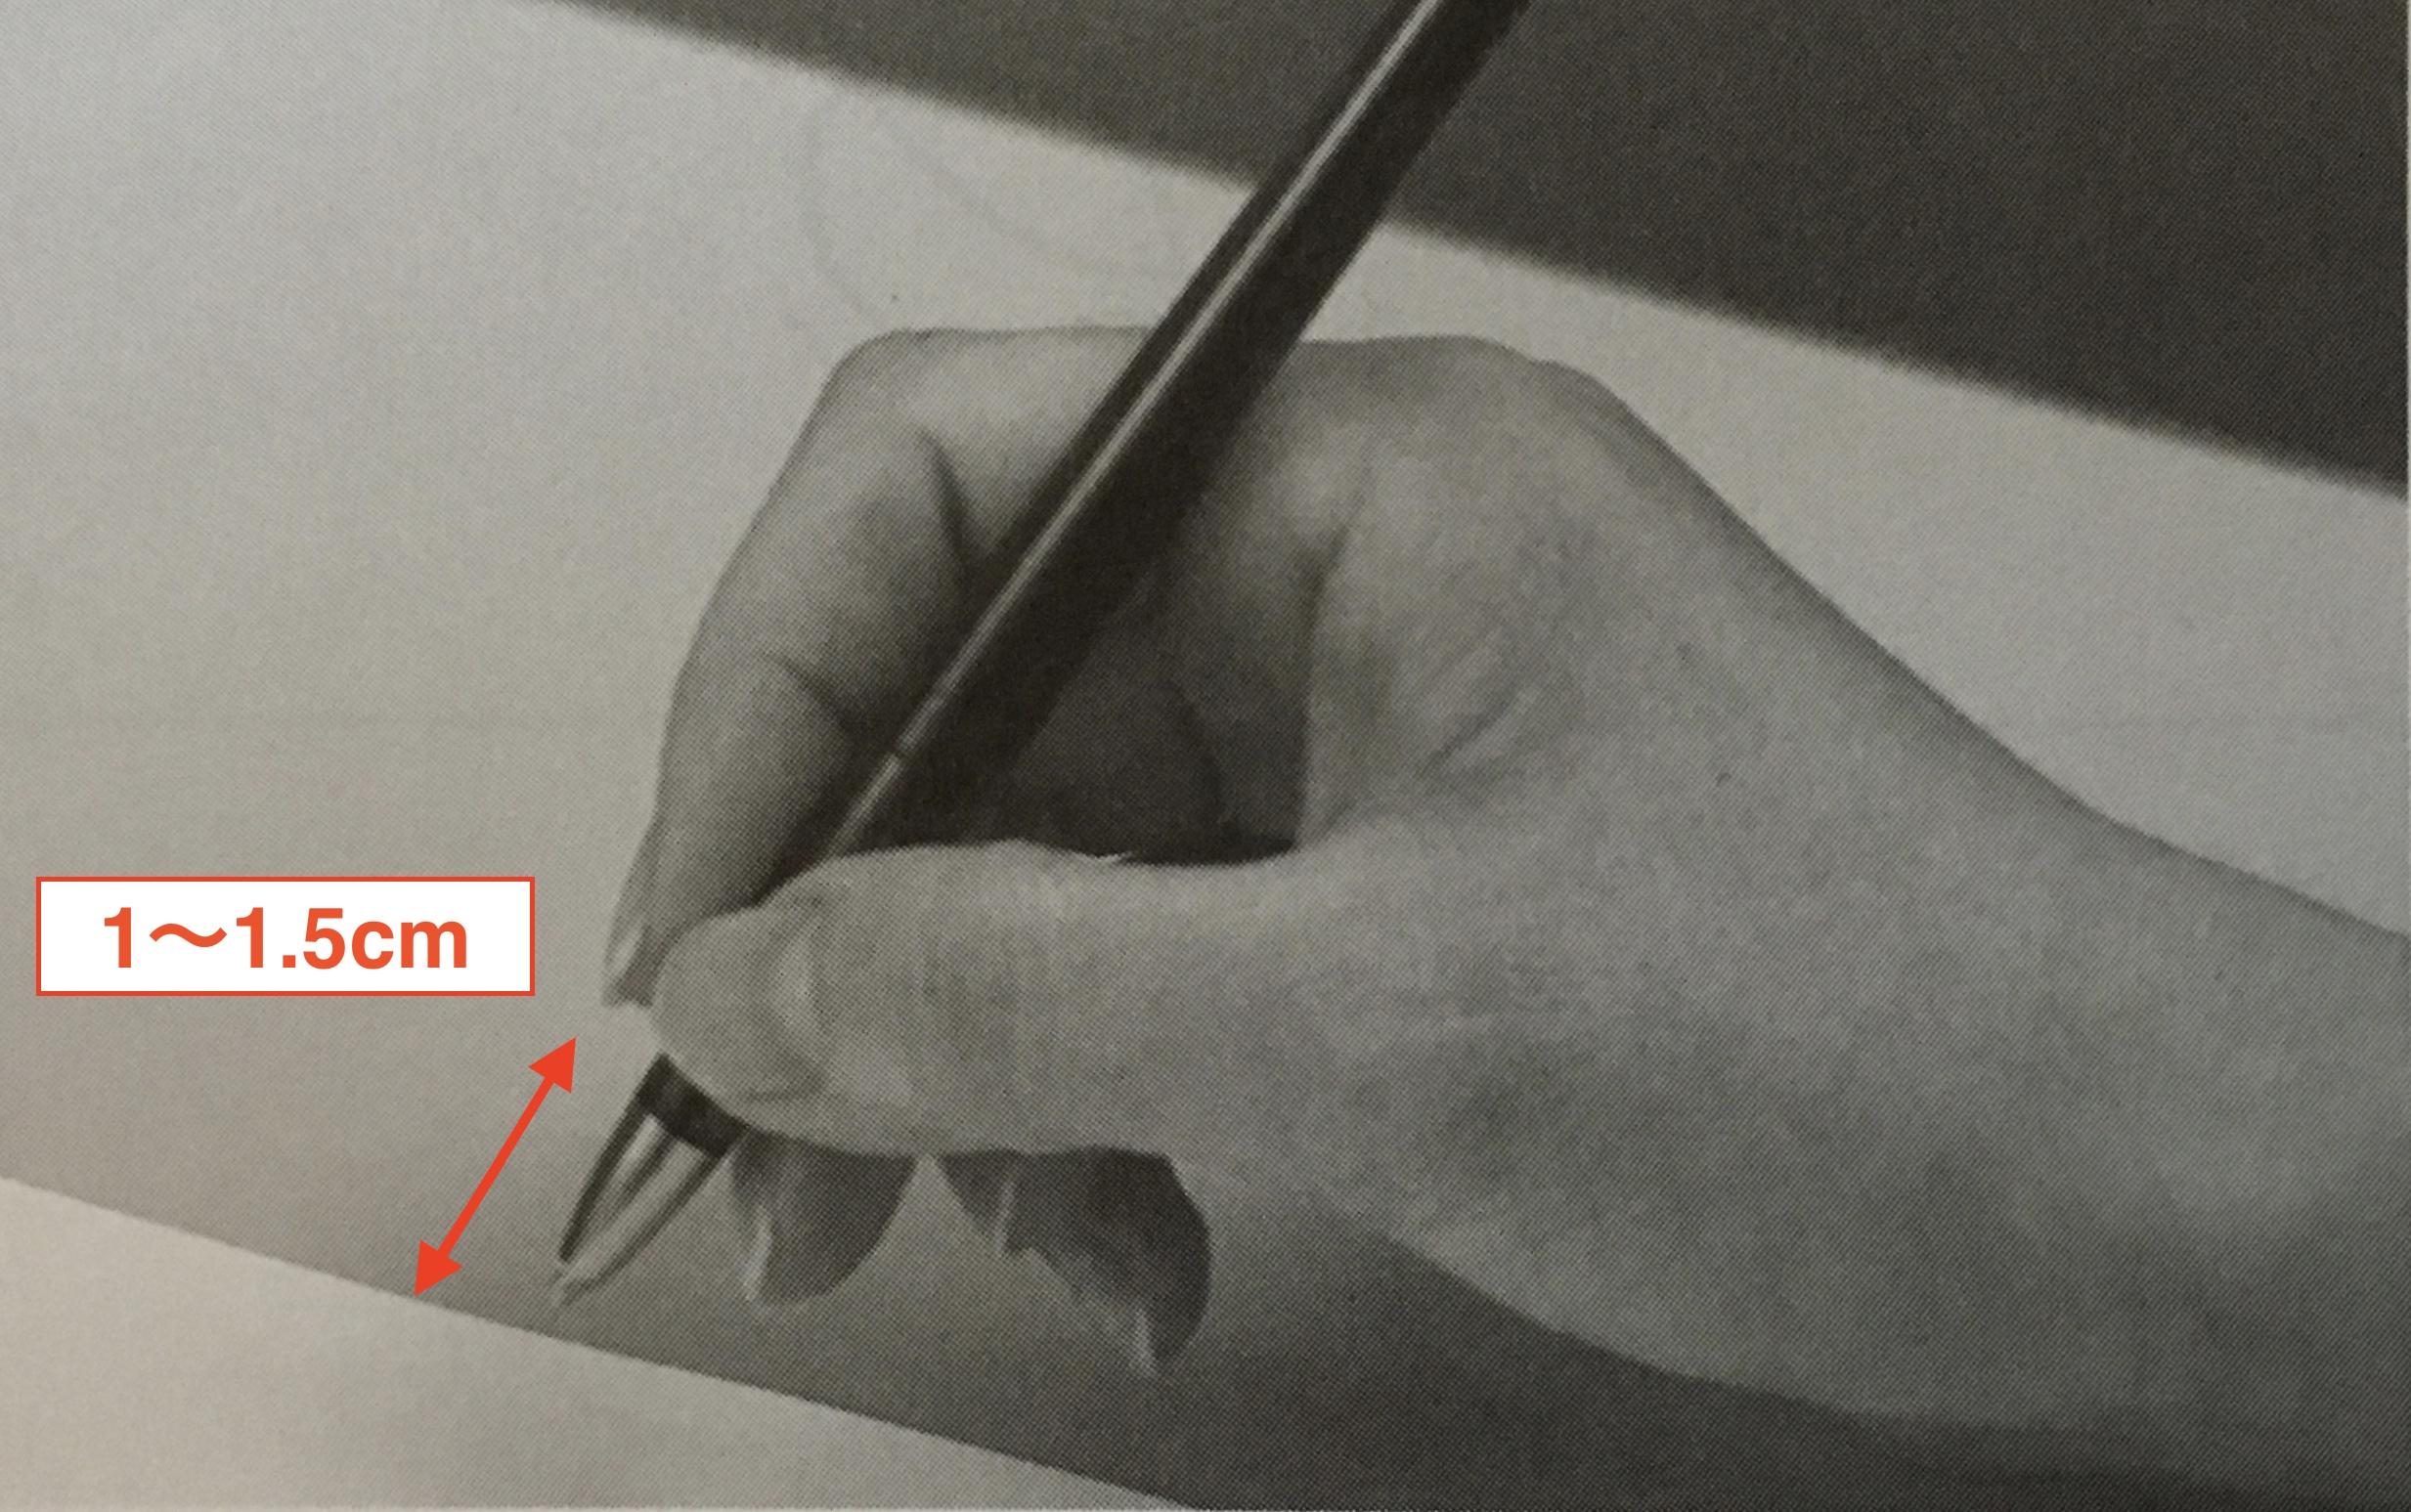 ペンの持ち方(距離)